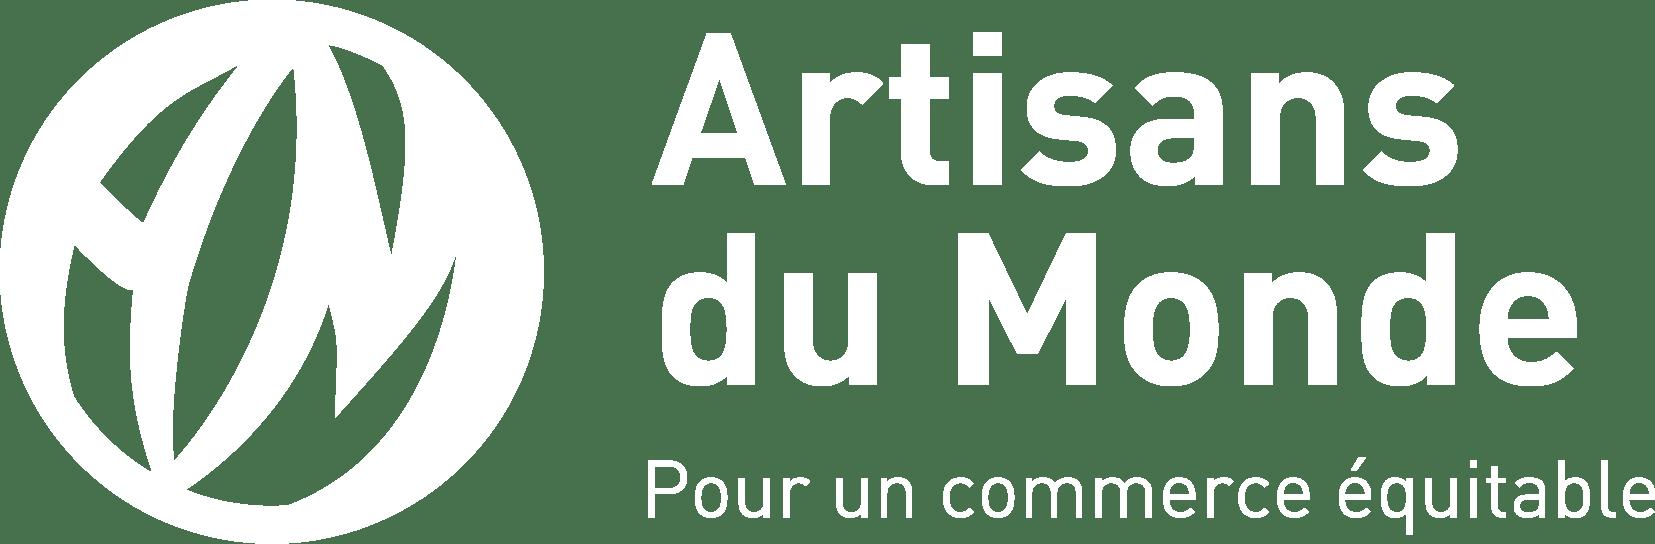 artisant du monde - Artisanat et commerce equitable